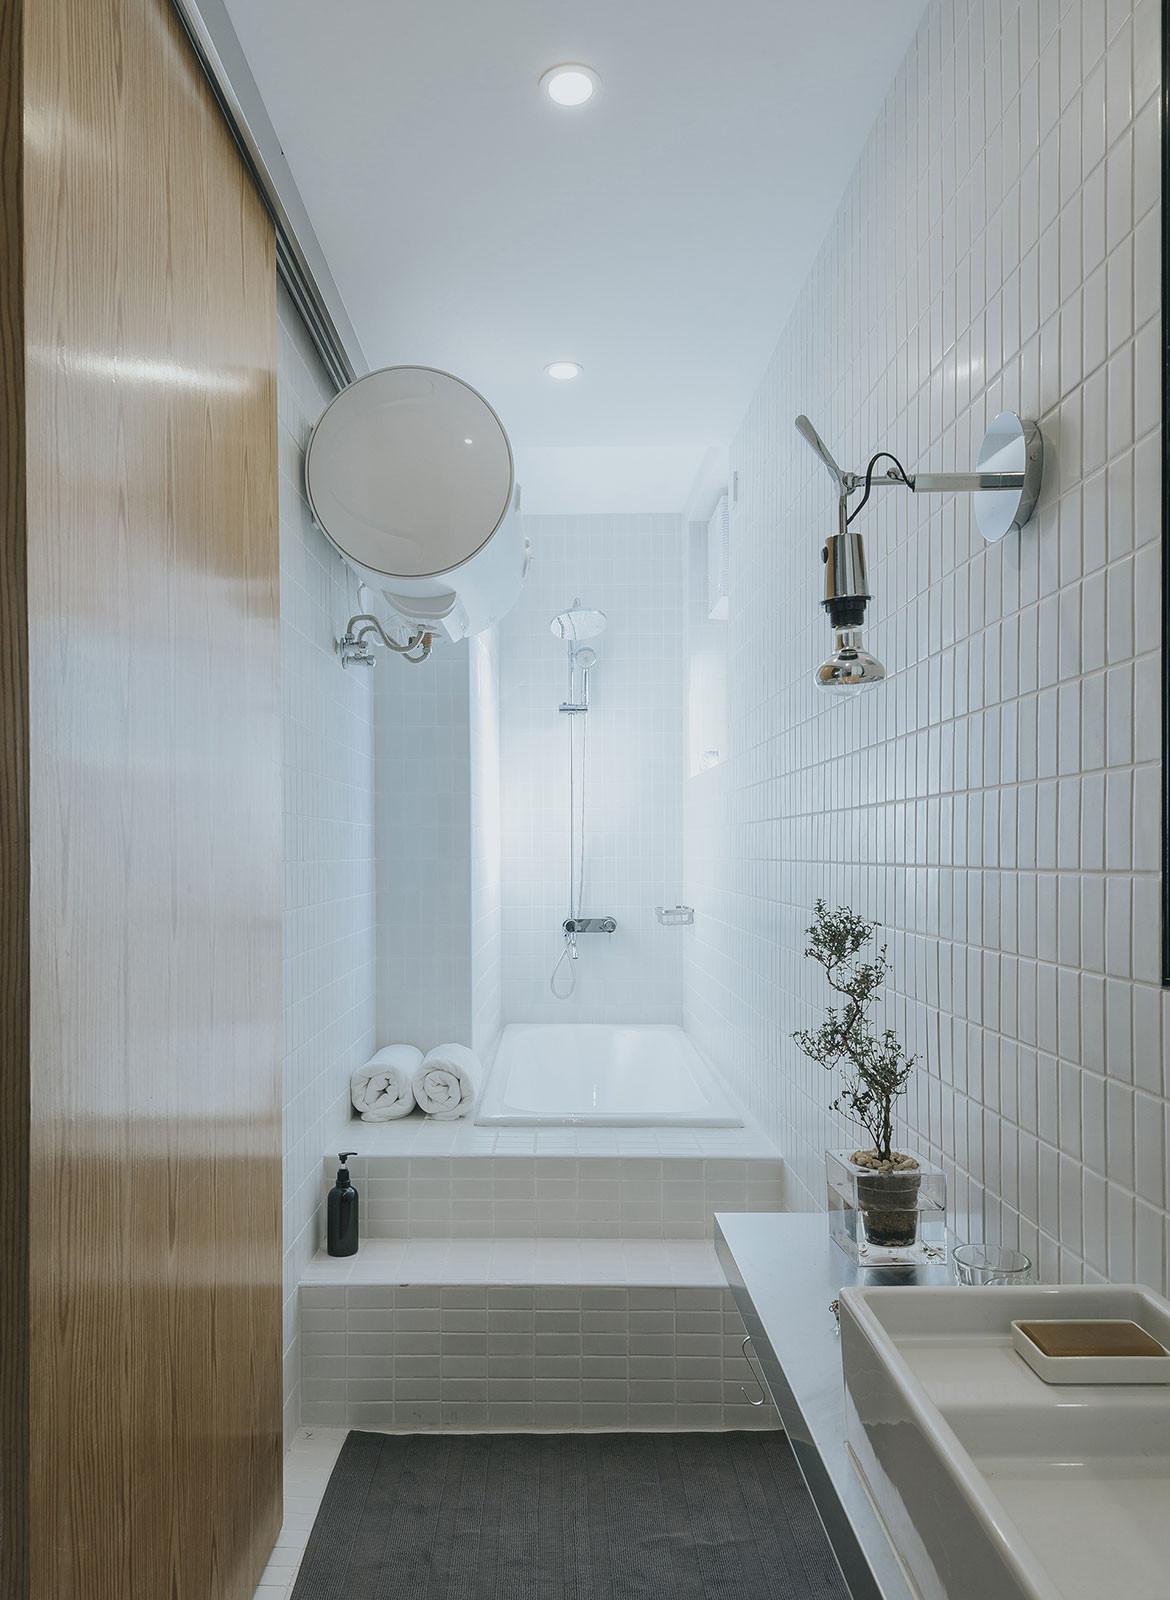 Big Small Coffee Office AIO bath tub